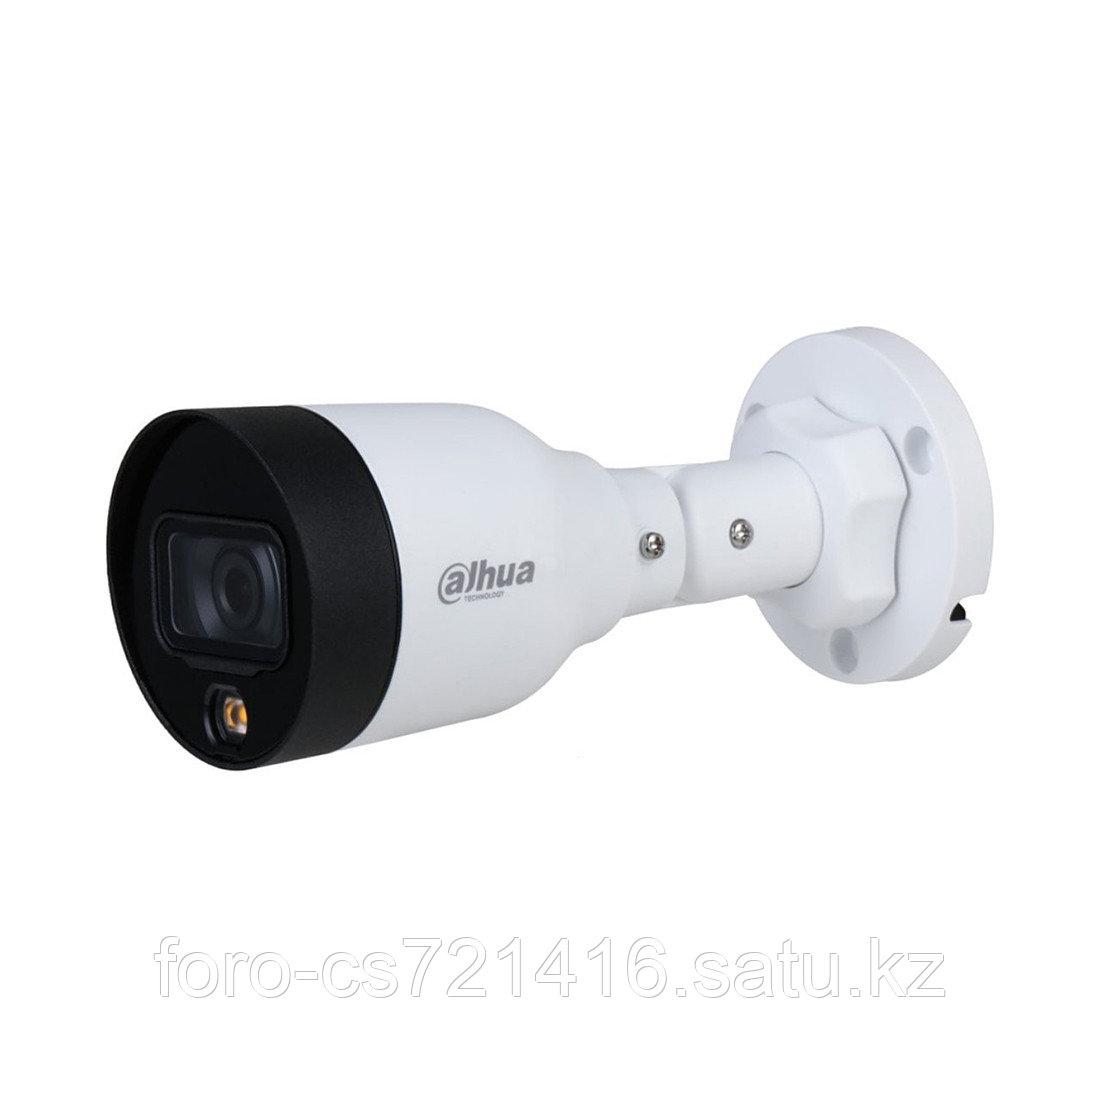 Цилиндрическая видеокамера Dahua DH-IPC-HFW1239S1P-LED-0360B